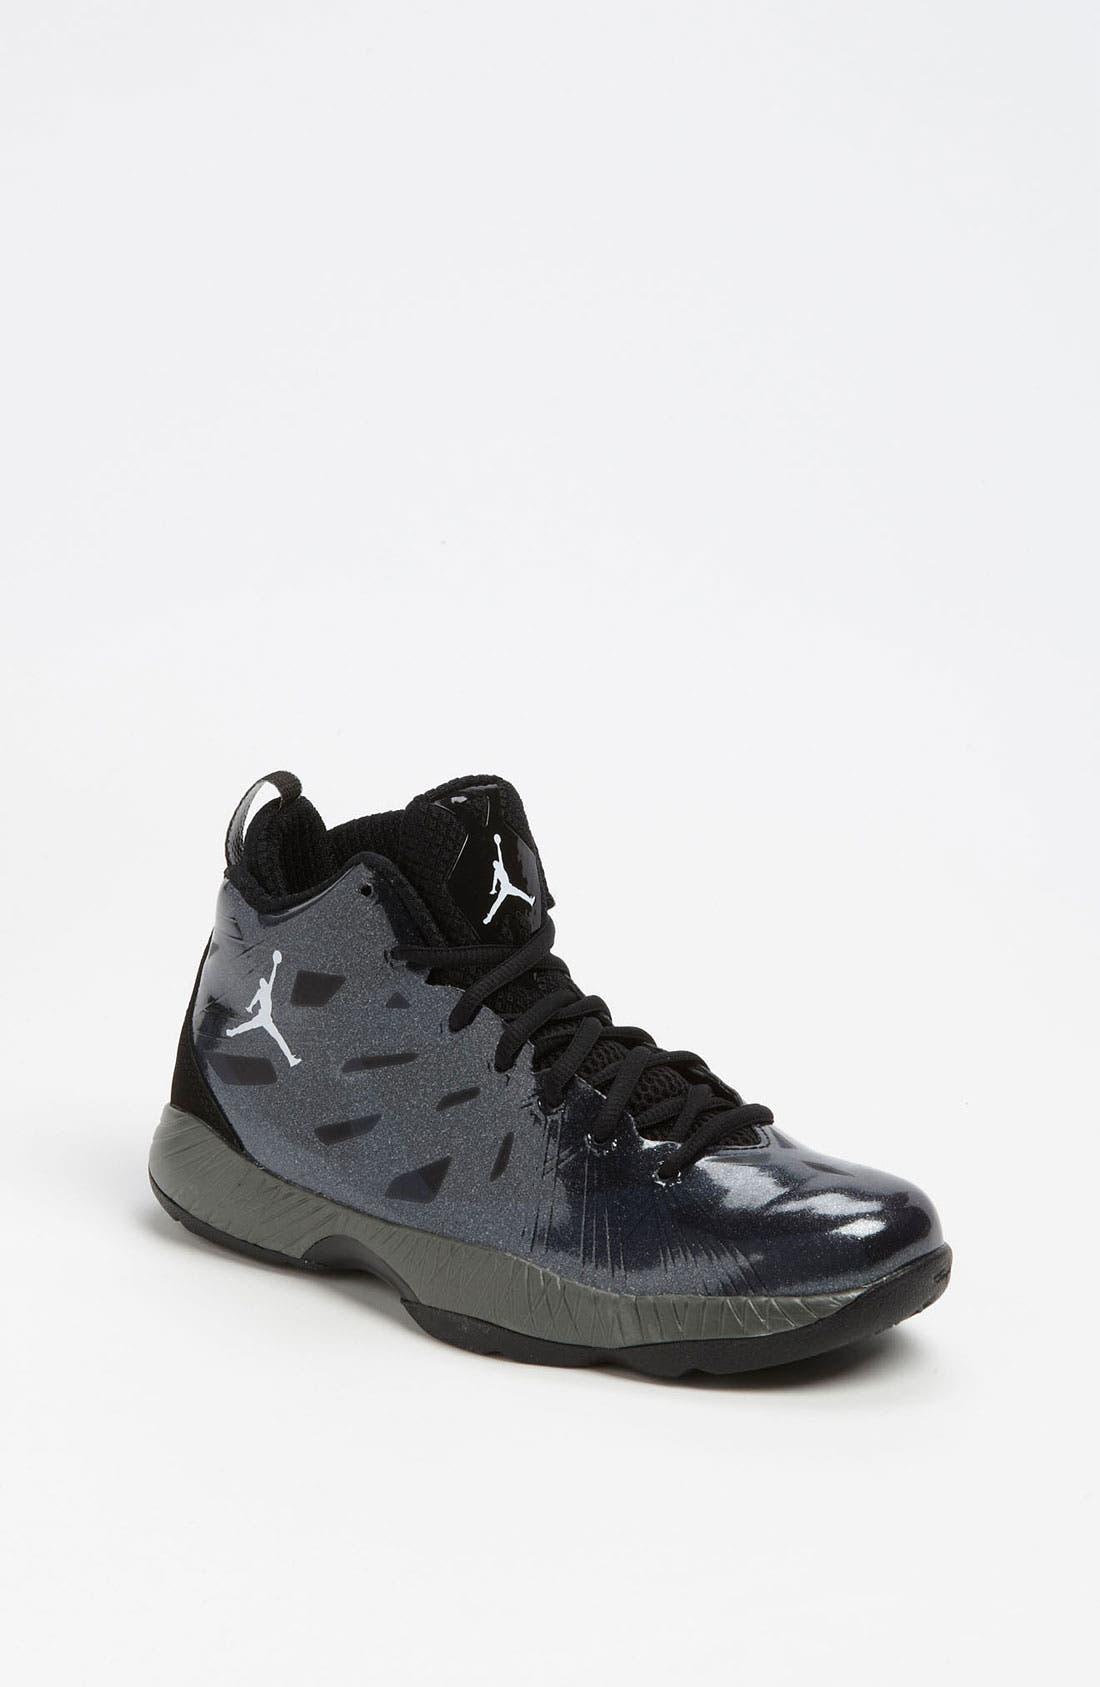 Alternate Image 1 Selected - Nike 'Air Jordan 2012 Lite' Athletic Shoe (Big Kid)